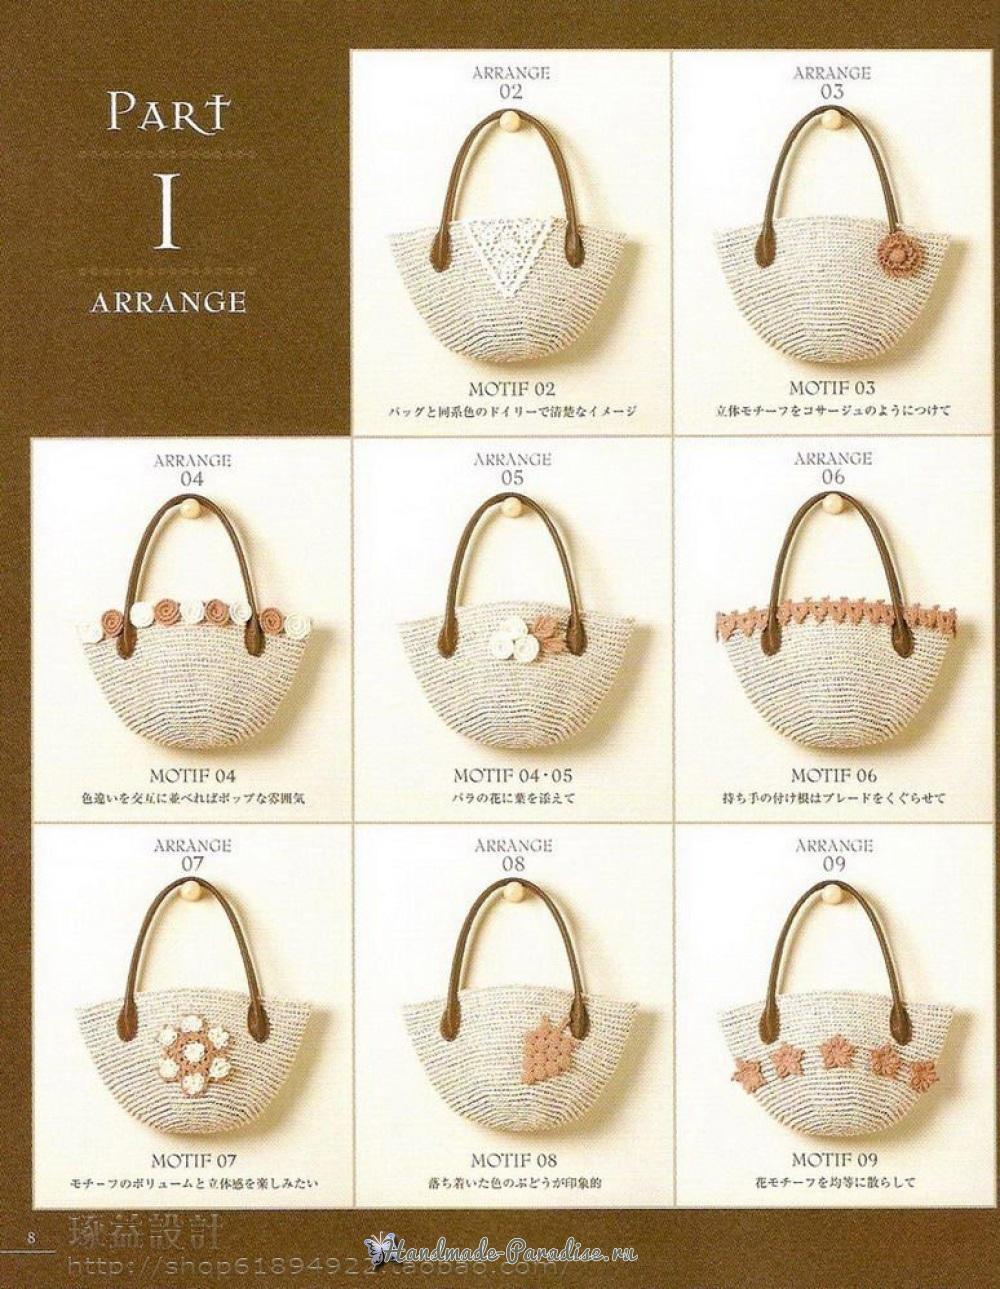 Вязание сумок из полиэтиленовой пряжи. Японский журнал (7)